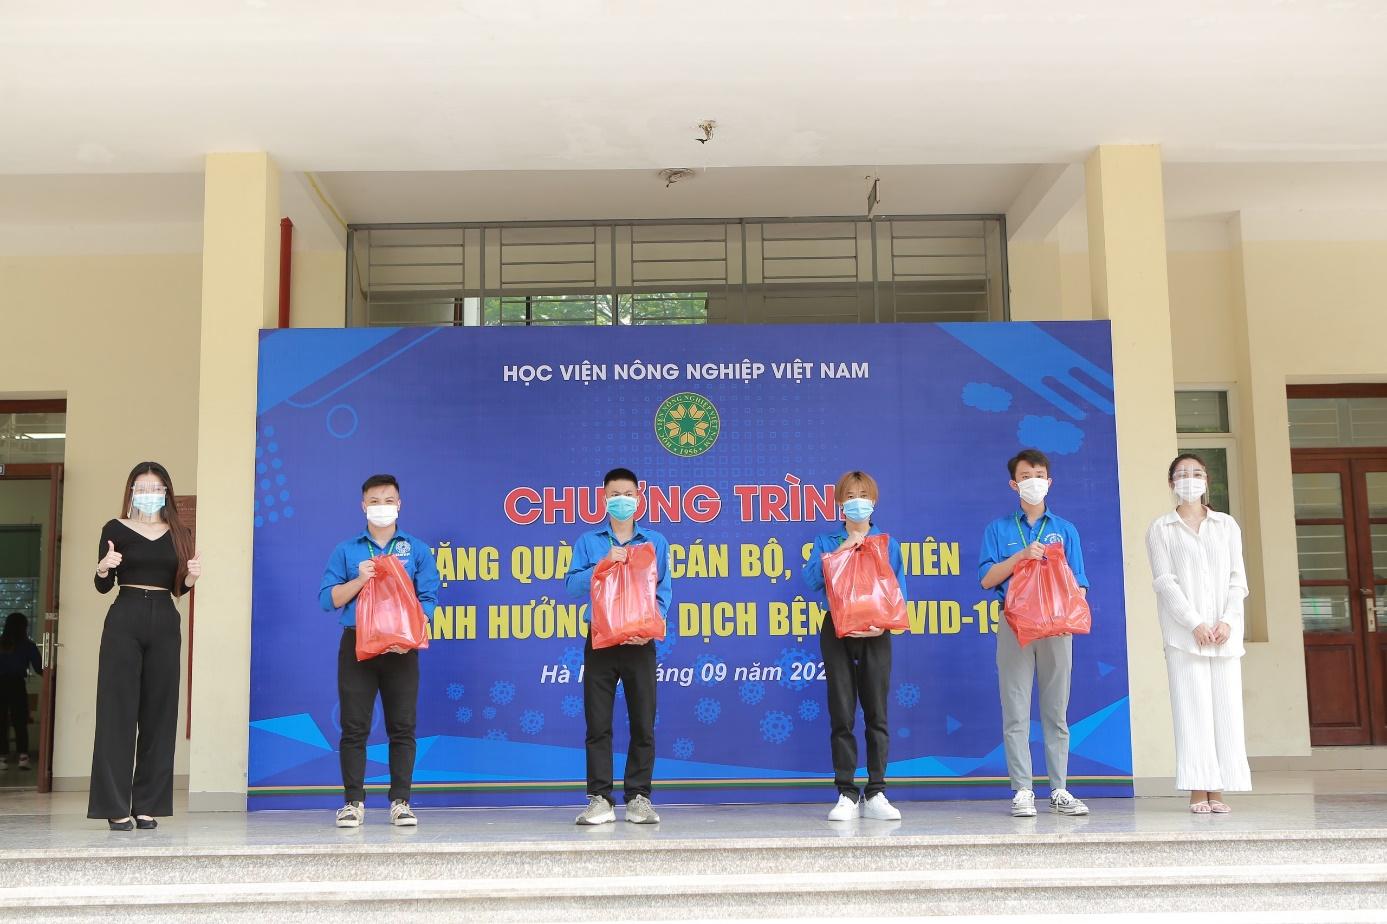 Học viện Nông nghiệp Việt Nam đồng hành cùng cán bộ, viên chức, sinh viên vượt qua dịch bệnh Covid-19 - Ảnh 5.